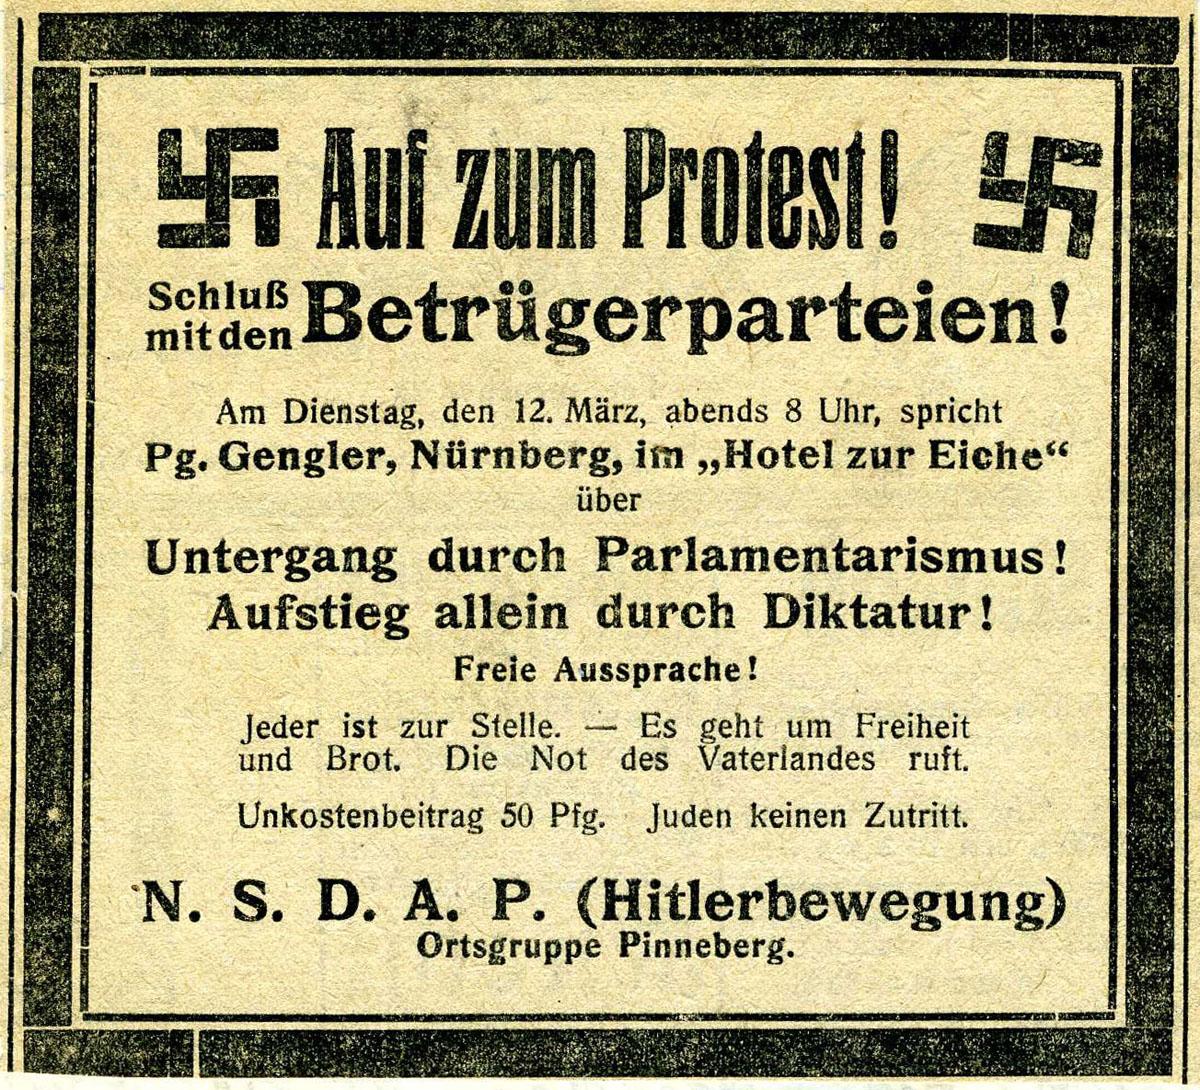 Auf zum Protest